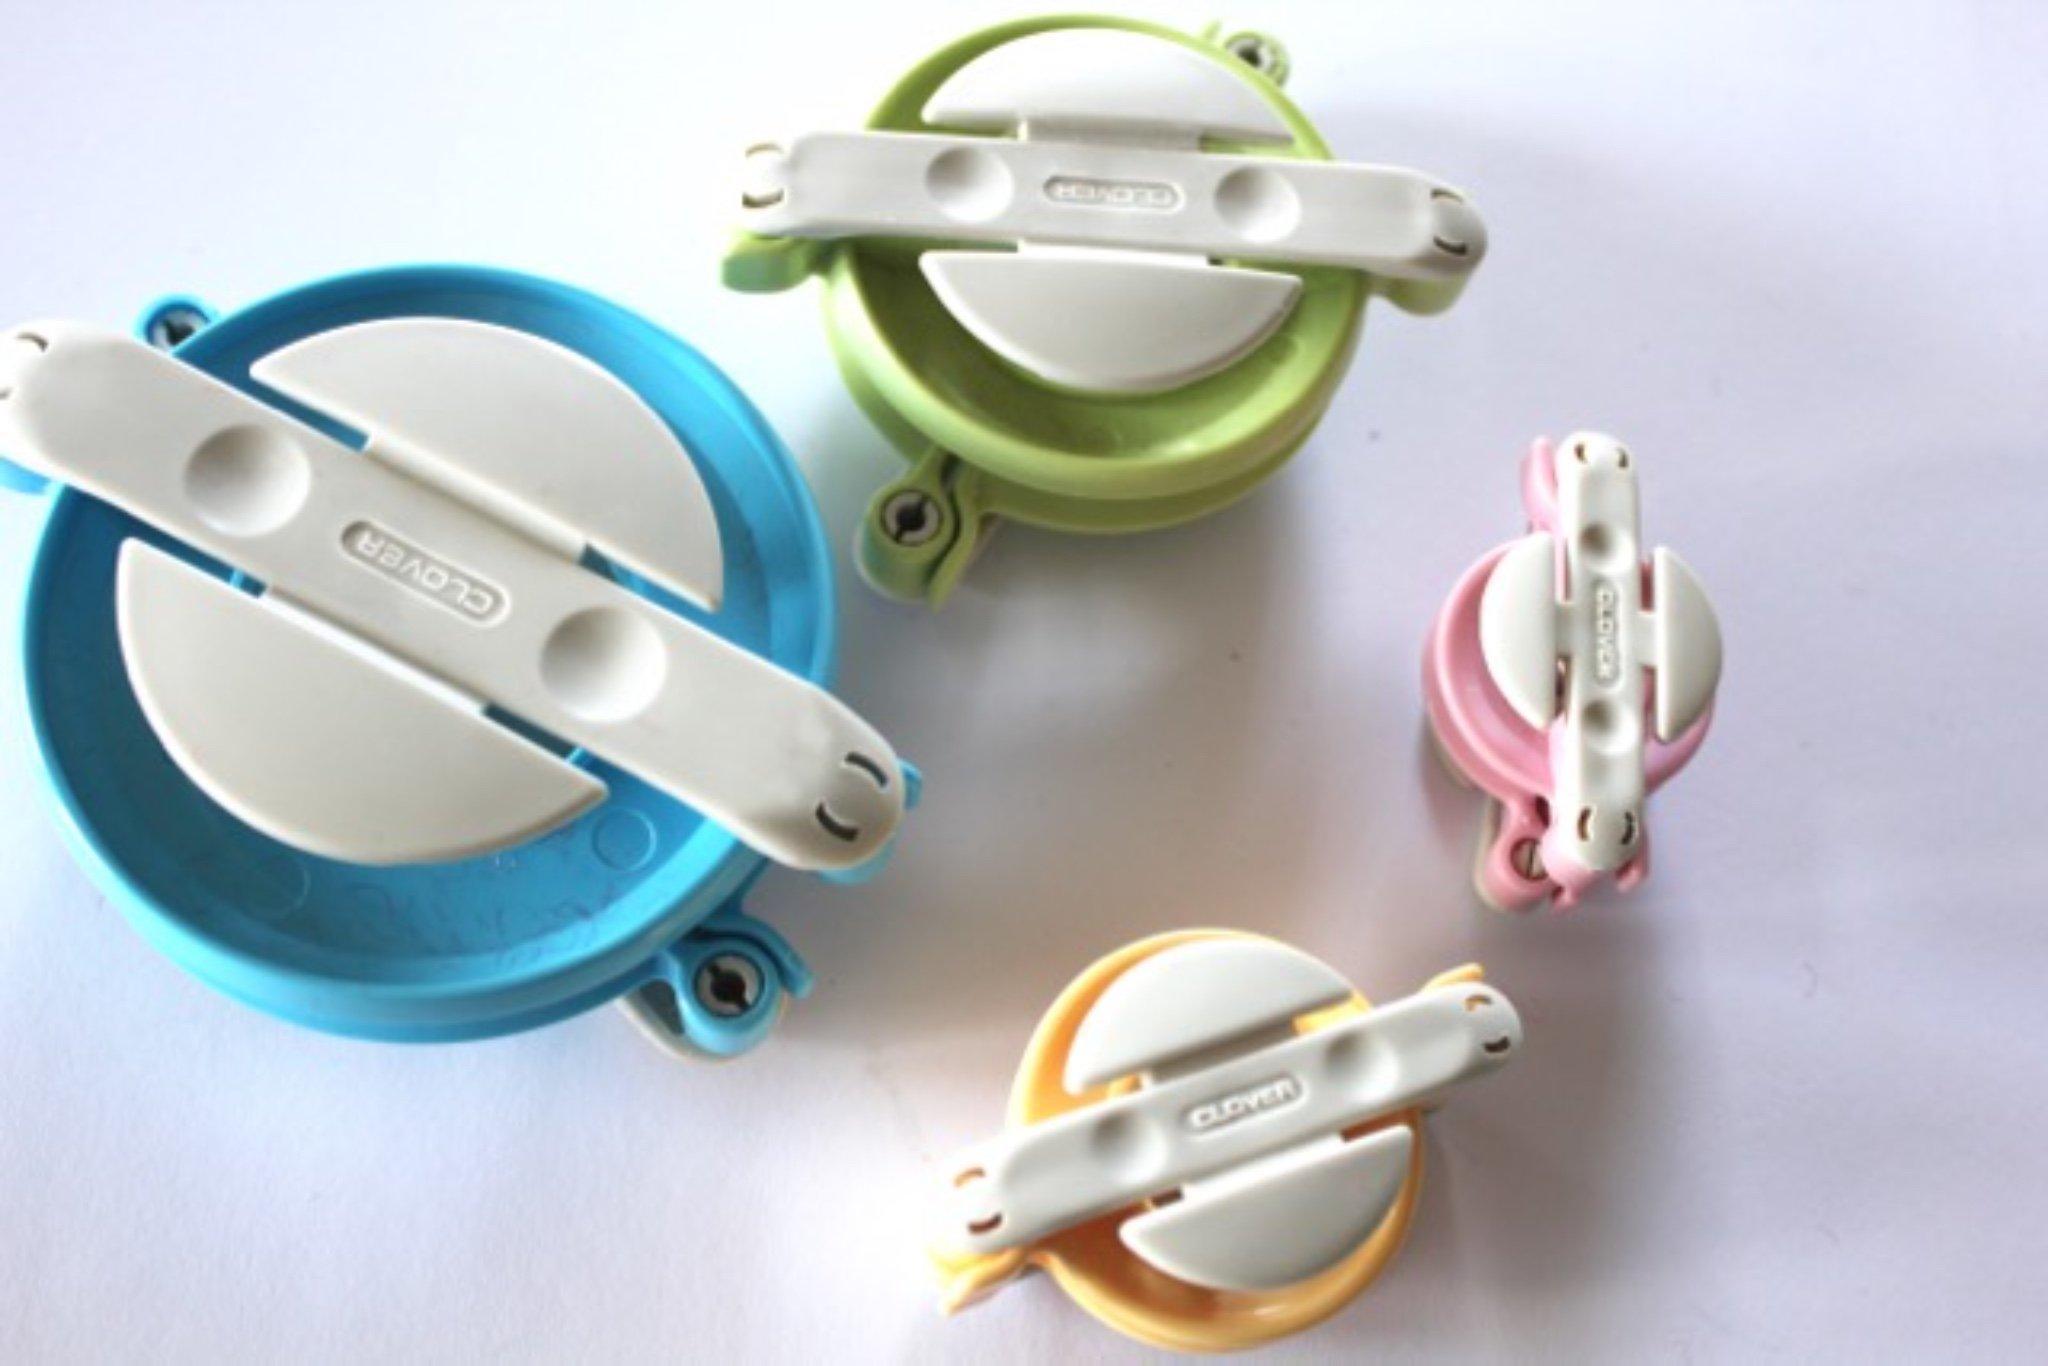 Clover pom-pom maker -  Extra small